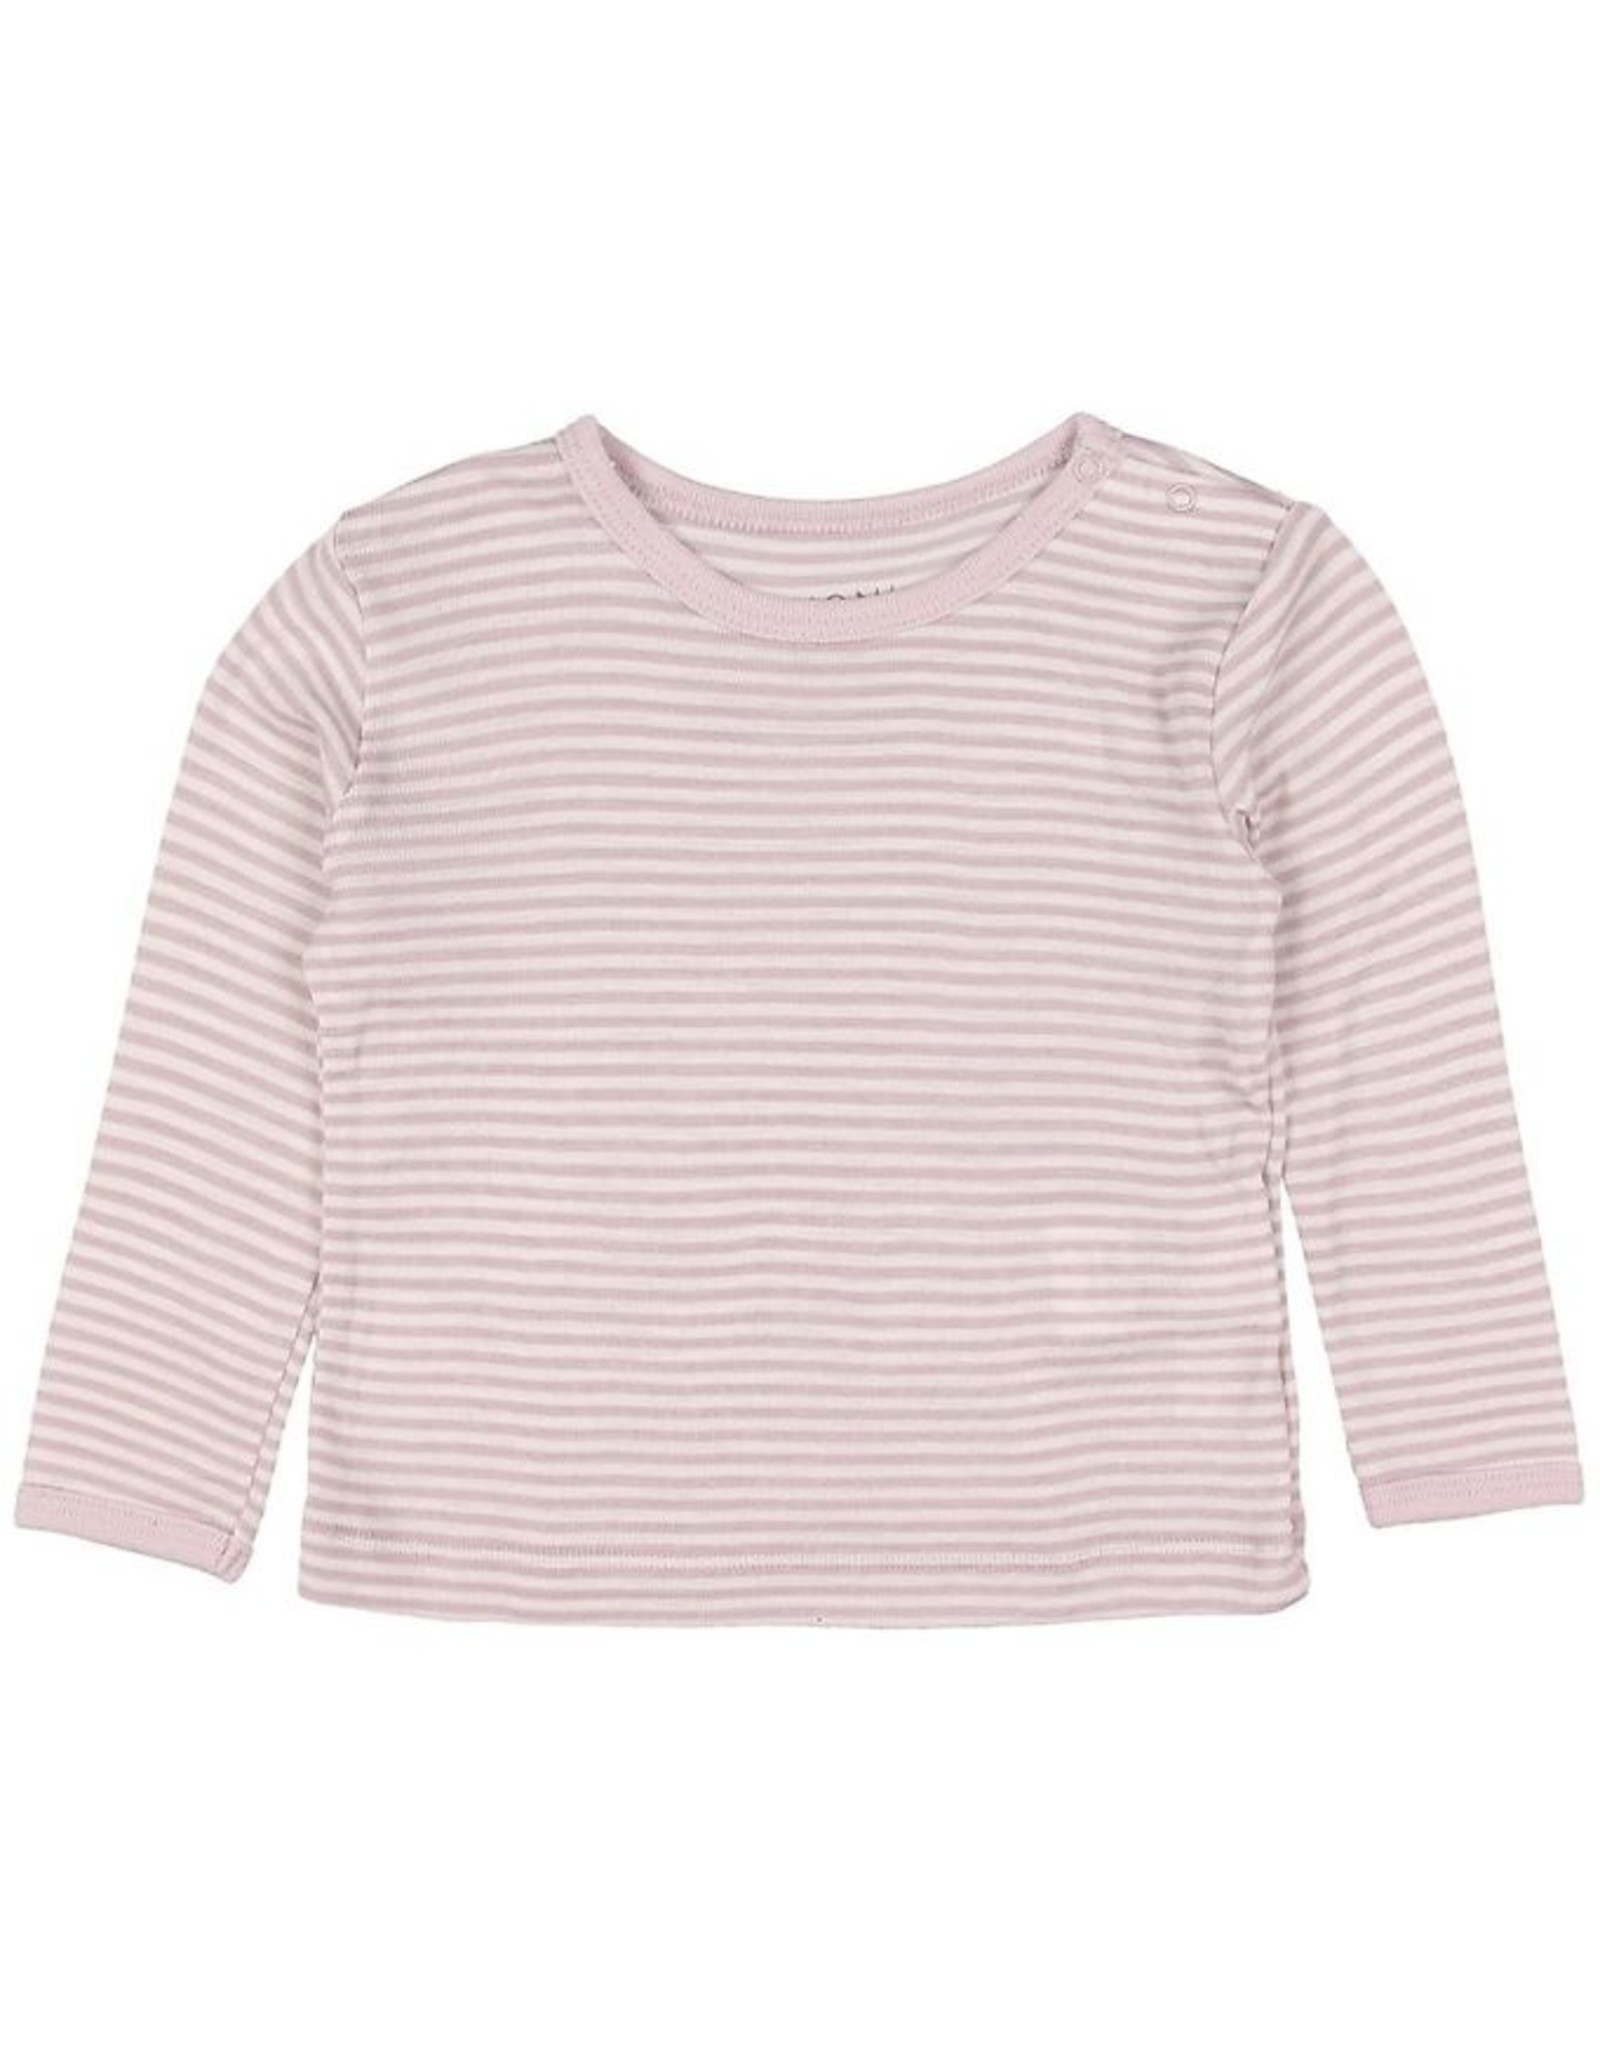 Fixoni Fixoni Wol/Zijde Shirtje Roze Wit Gestreept